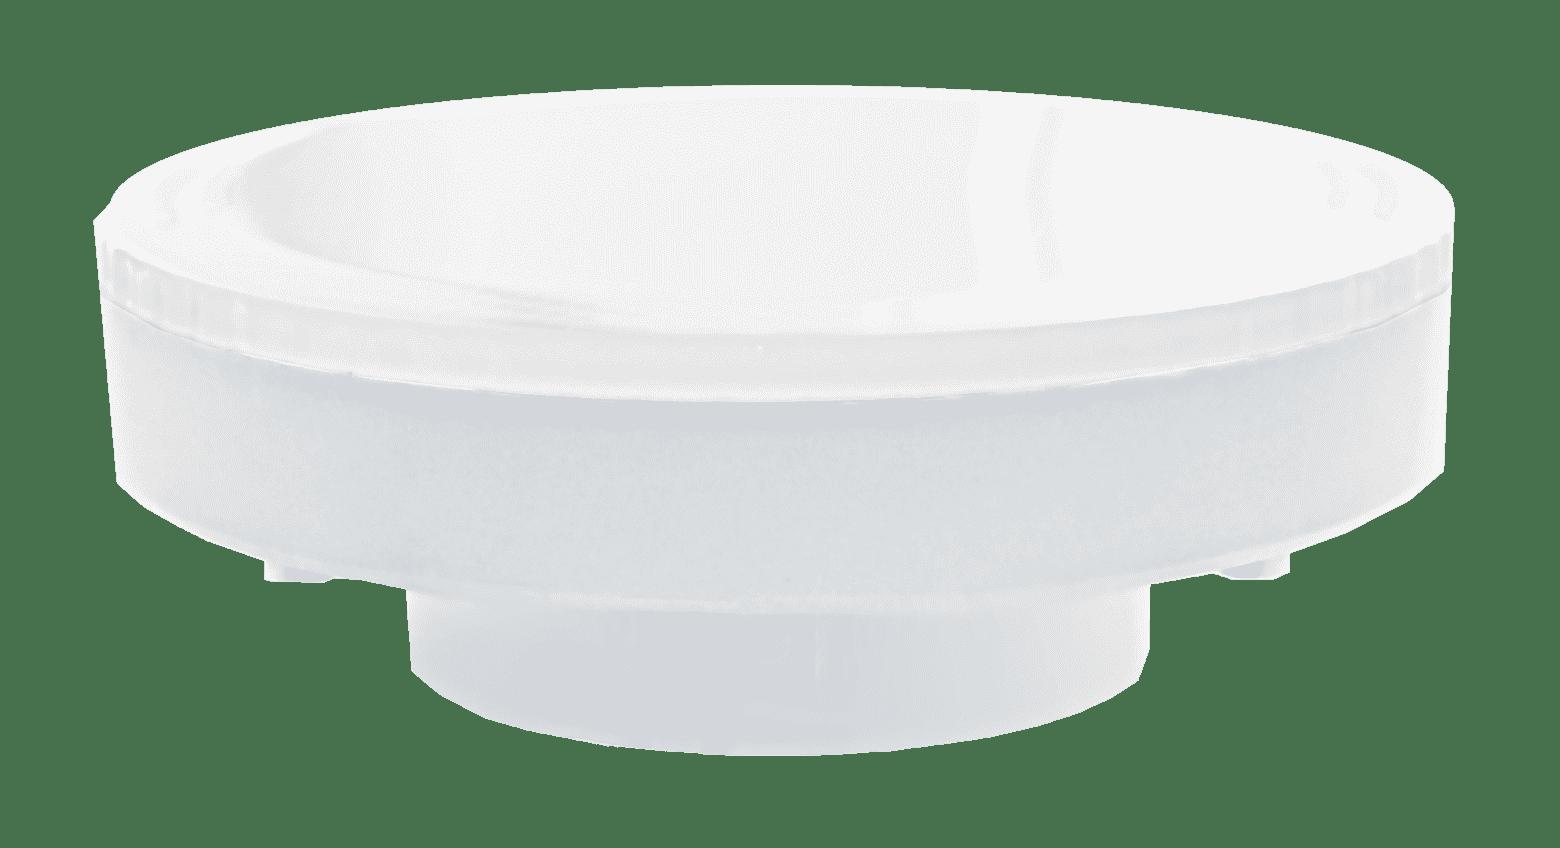 Светодиодная лампа НАНОСВЕТ LE-GX-8/GX53/840, 8Вт, 720лм, GX53, 4000К, Ra80 арт. L291